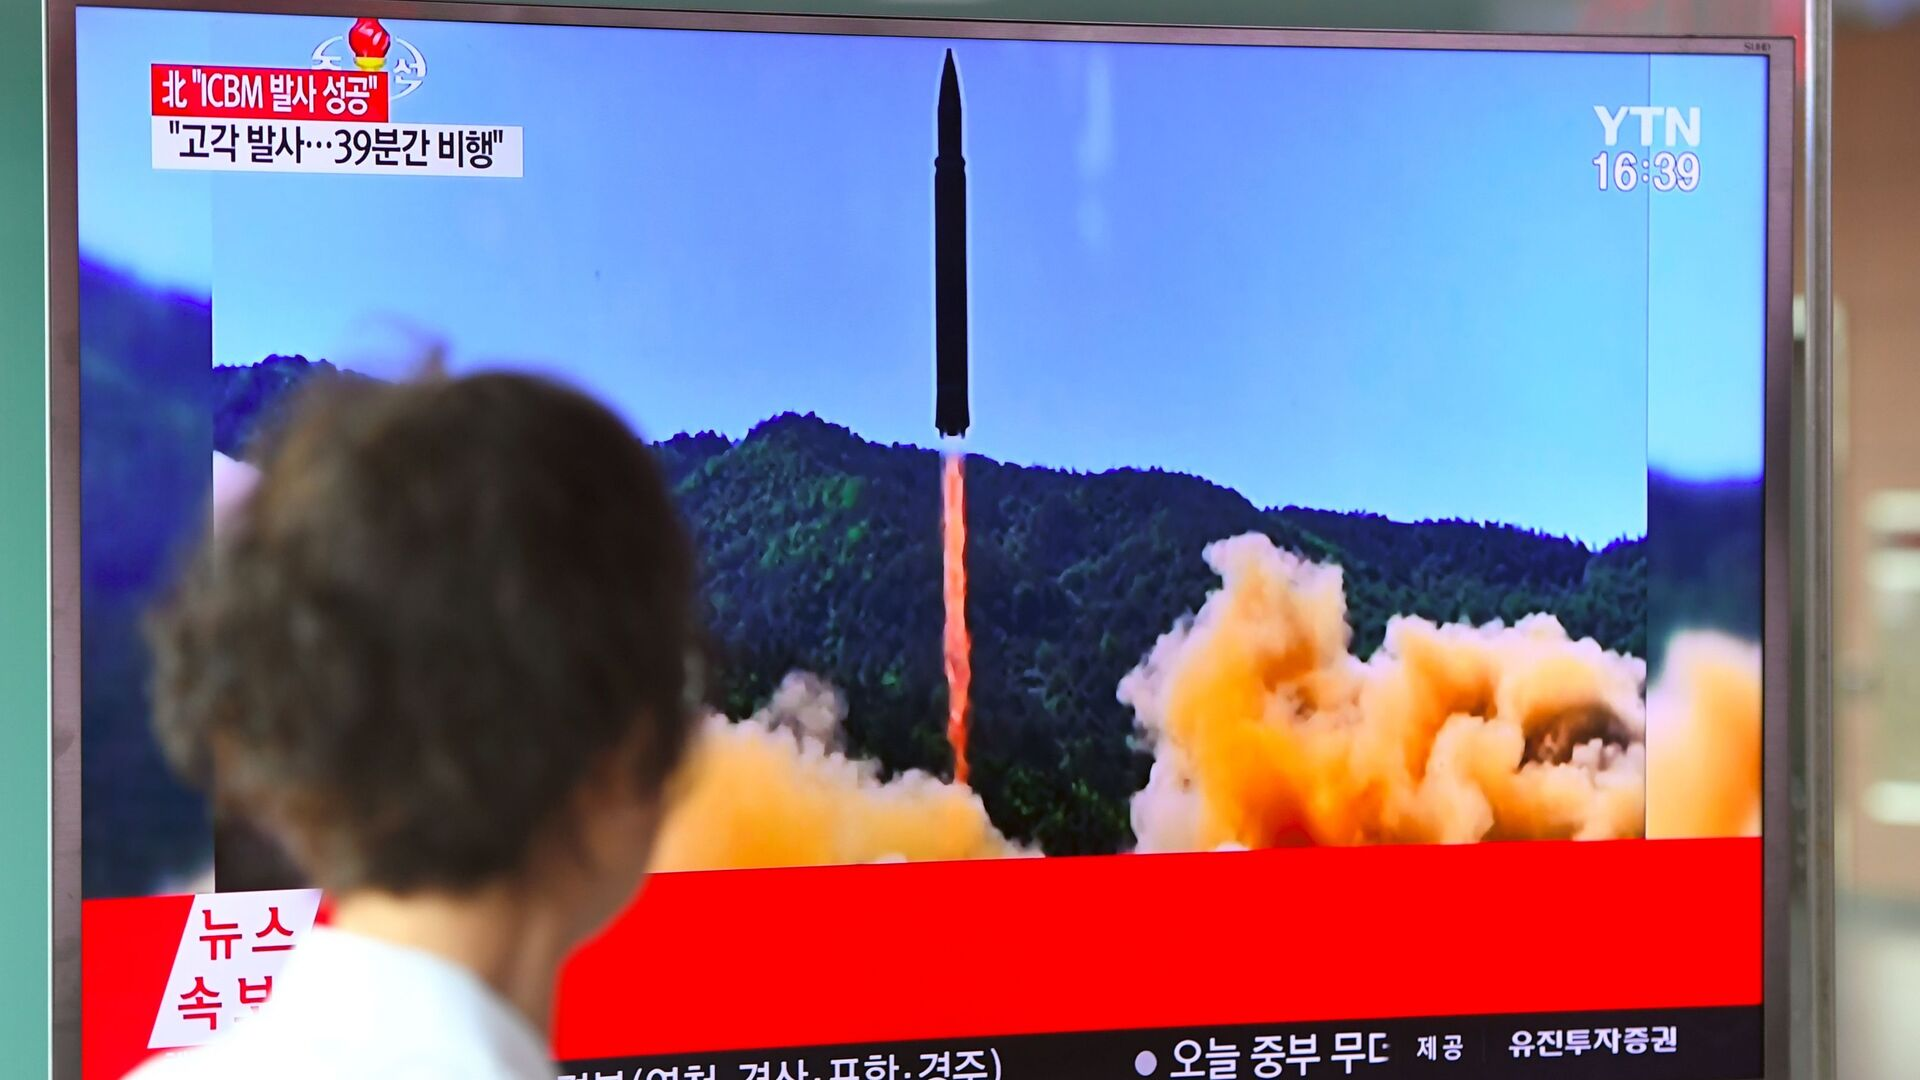 Informacja o wystrzeleniu rakiety balistycznej w KRLD. Na dworcu w Seulu - Sputnik Polska, 1920, 01.10.2021